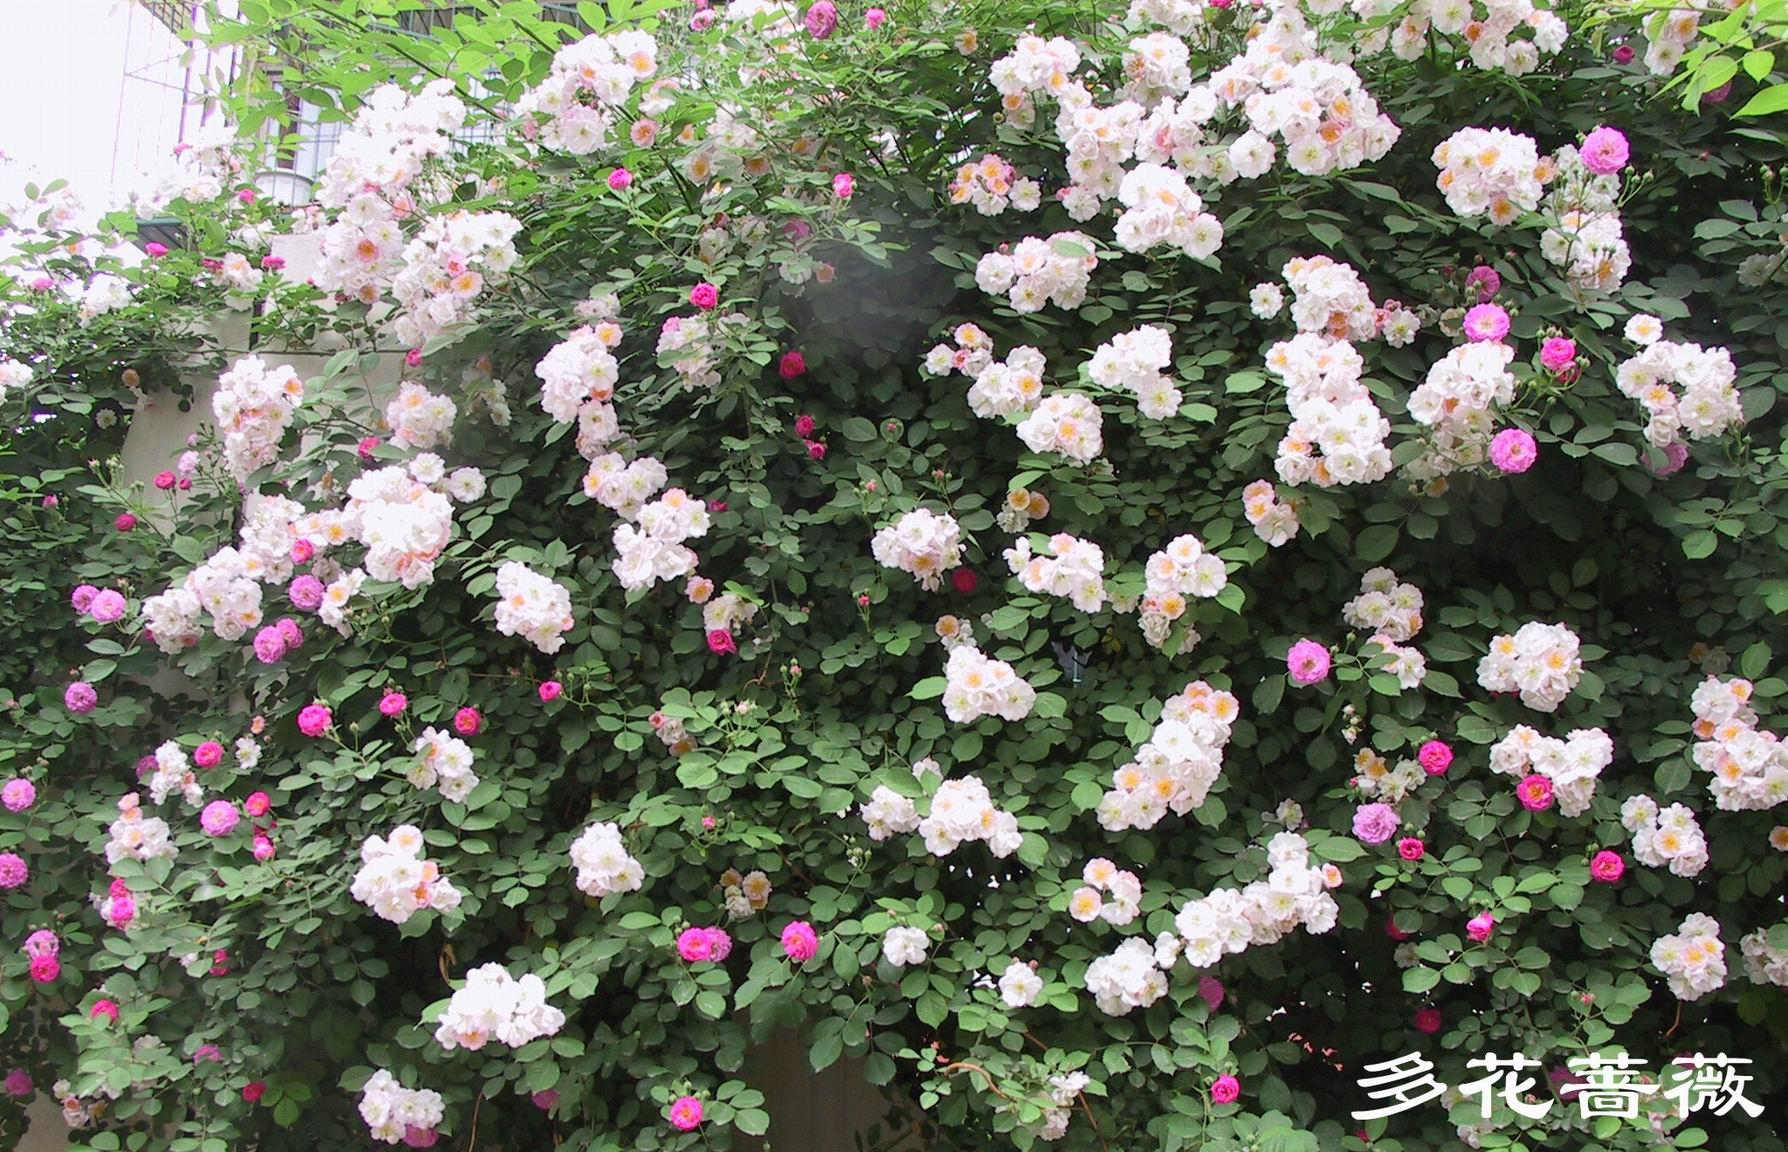 野蔷薇 - 解现任 - 解现任的教育博客